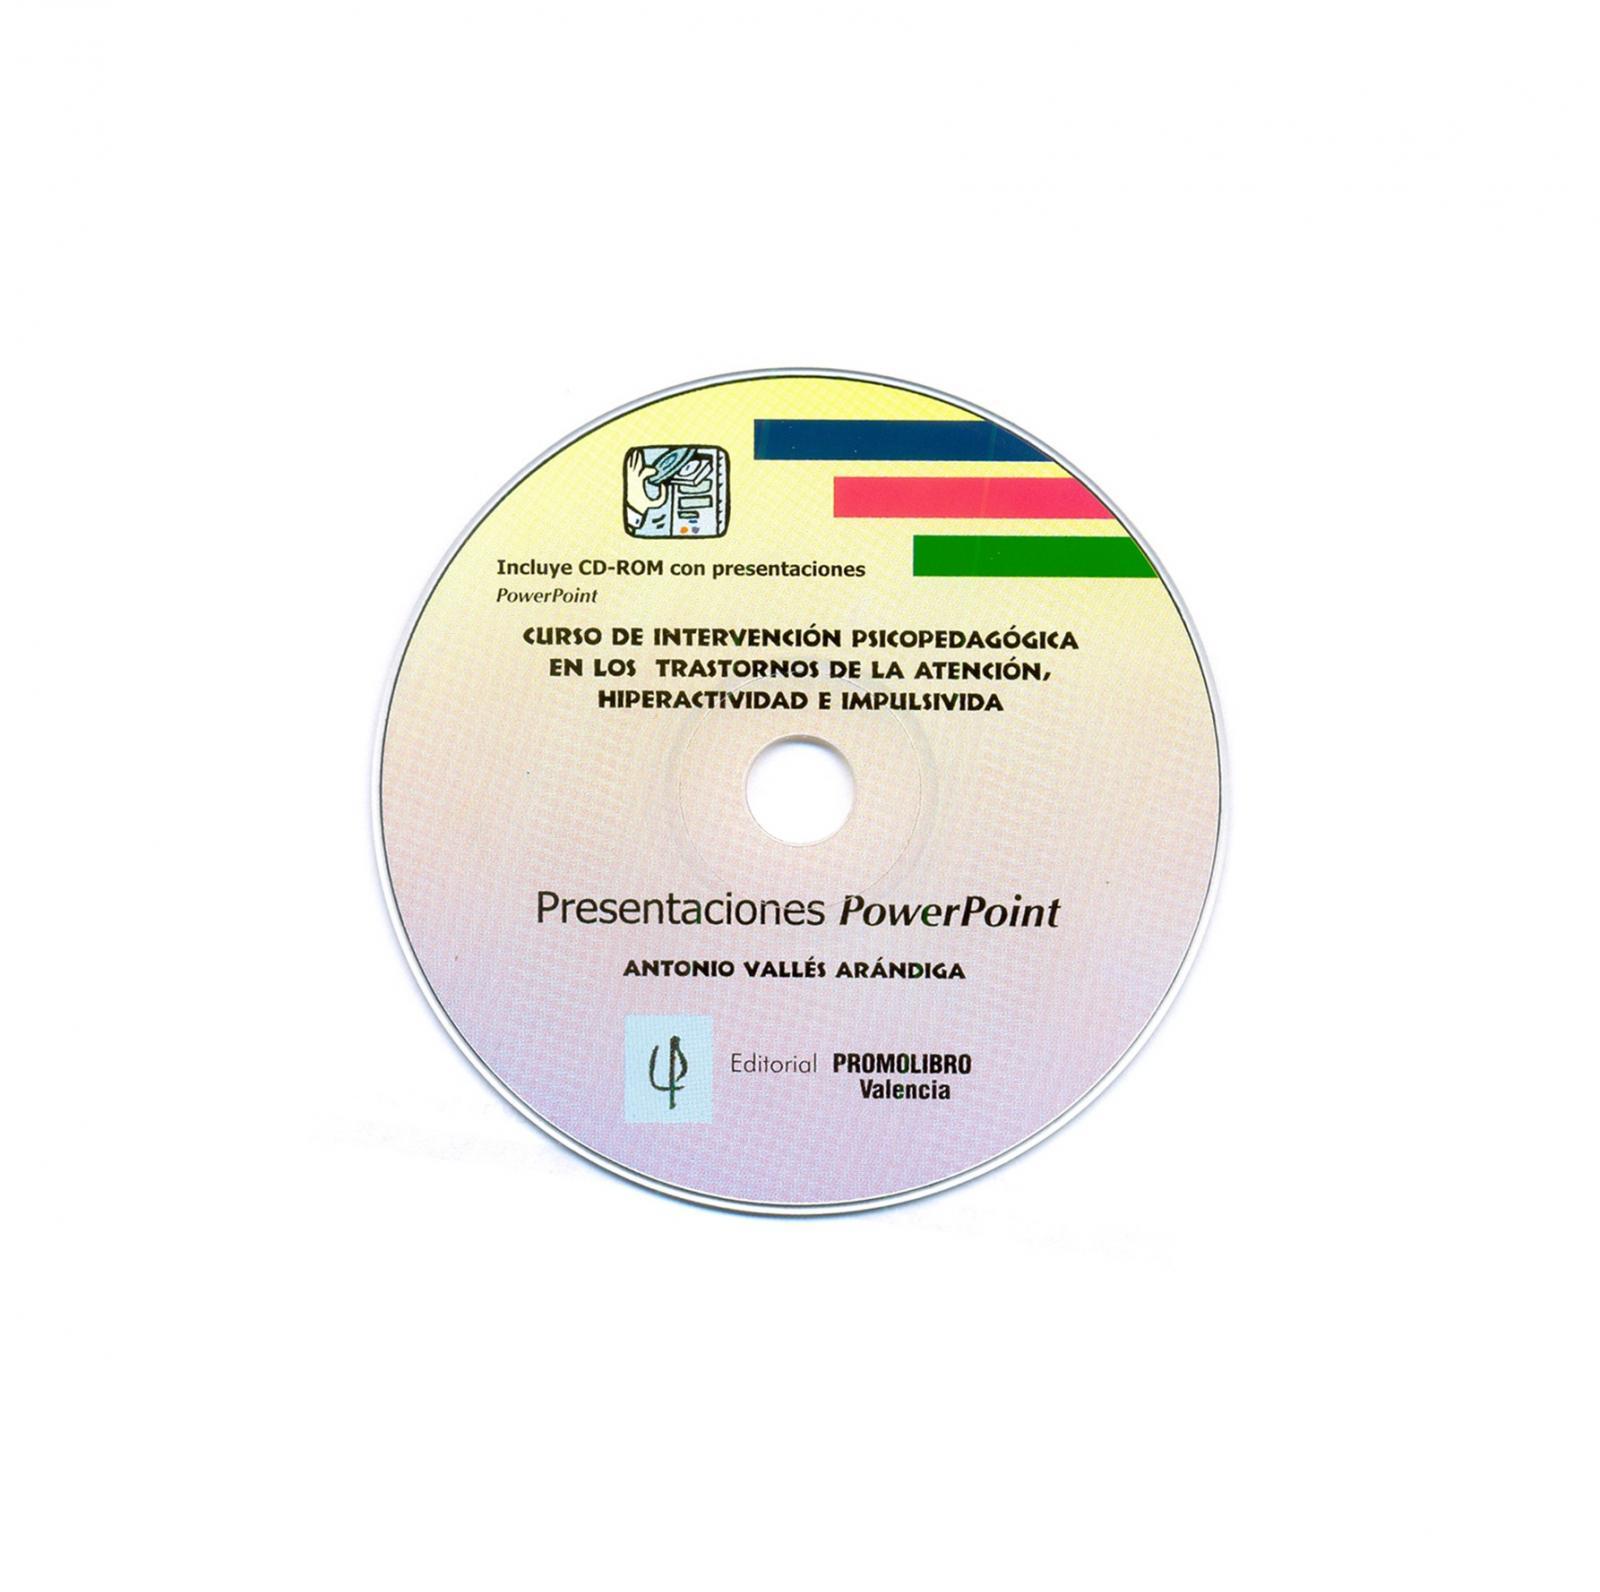 CURSO DE INTERVENCIÓN PSICOPEDAGÓGICA EN LOS TRASTORNOS DE LA ATENCIÓN, HIPERACTIVIDAD E IMPULSIVIDAD.  ESTE MATERIAL ESTÁ REPRODUCIDO Y A LA VENTA SOLAMENTE EN CD ROM